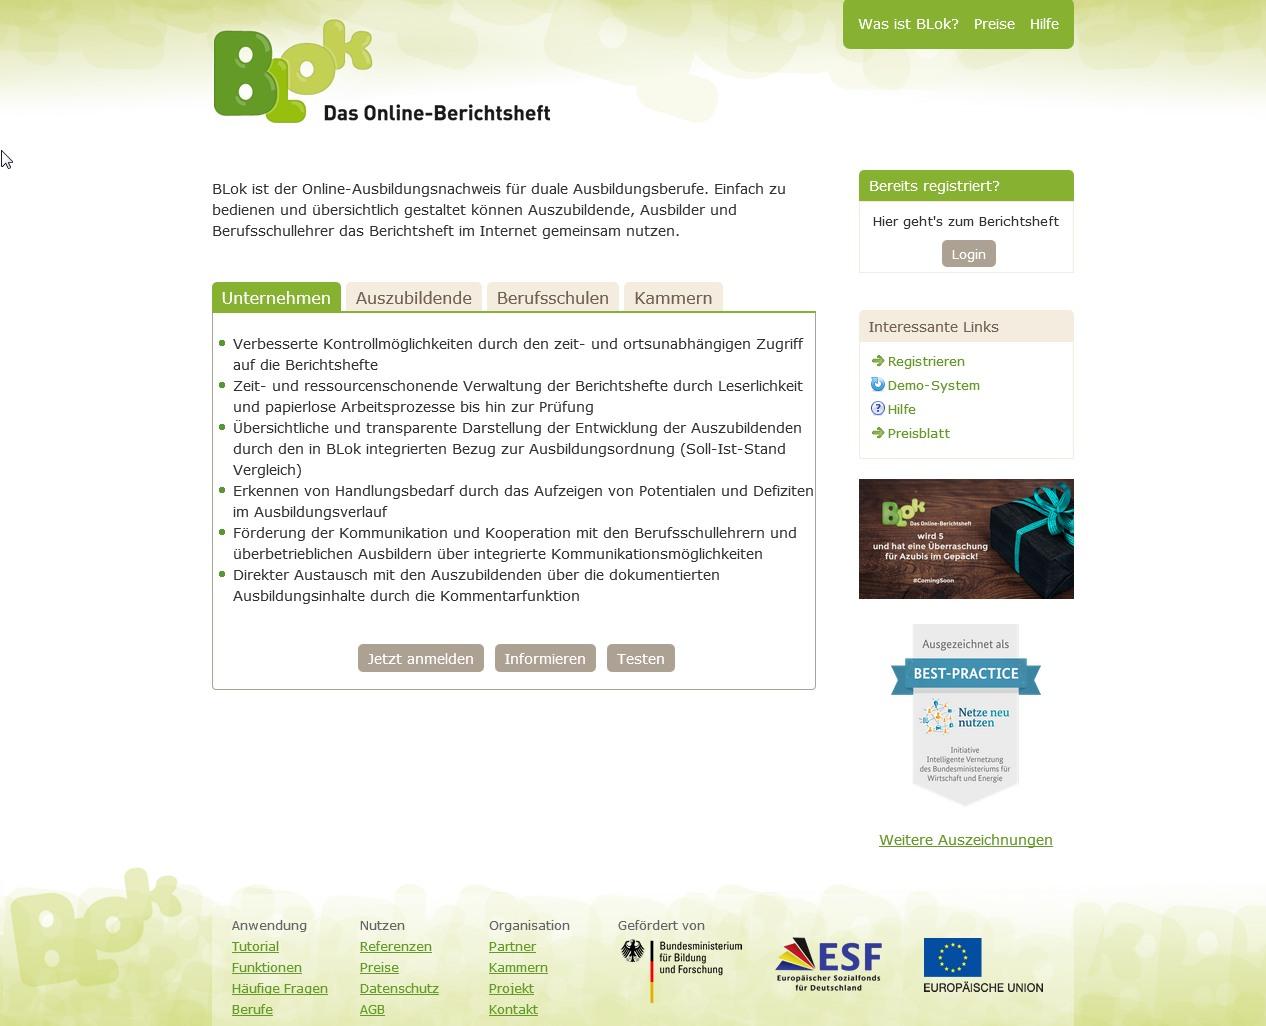 Online-Berichtsheft Blok für Auszubildende